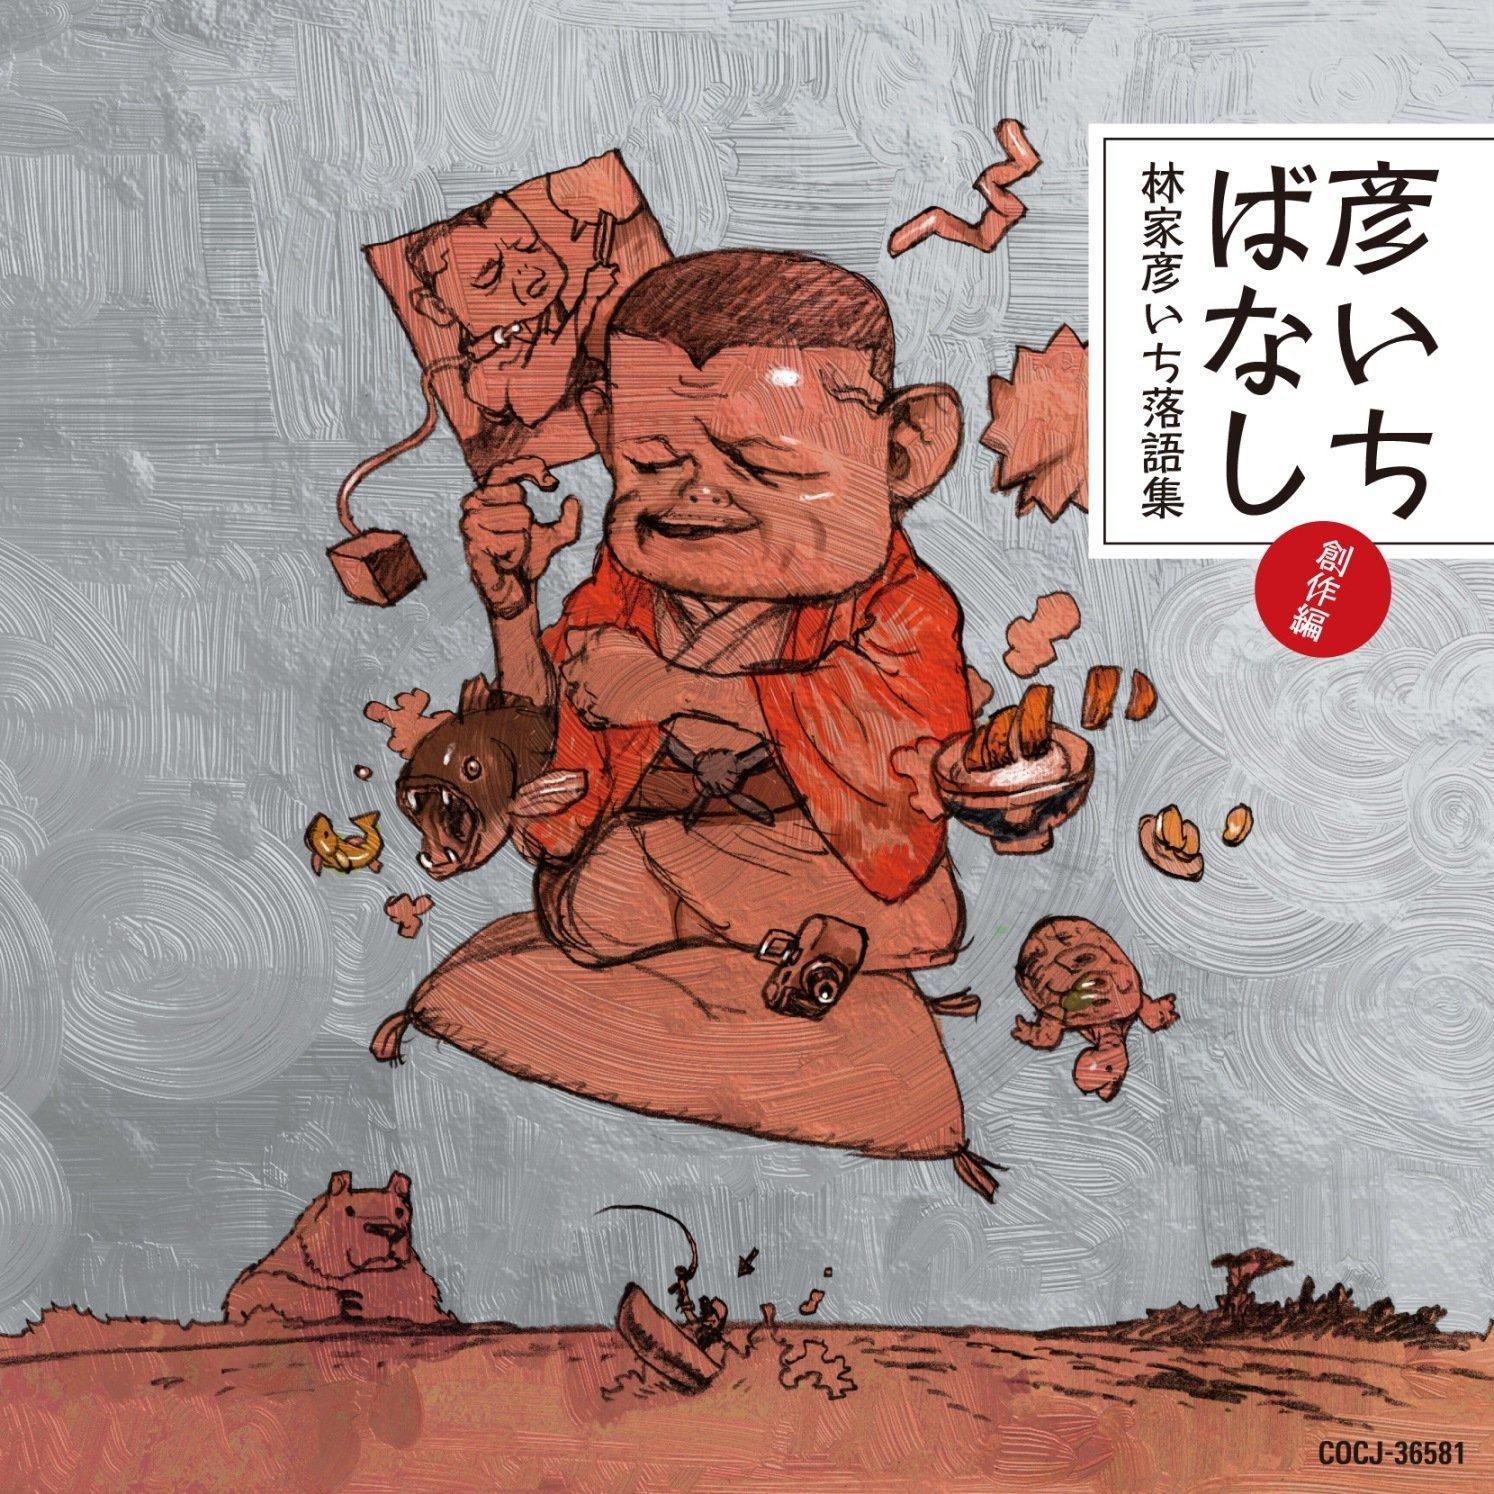 hikoichibanashi.jpg